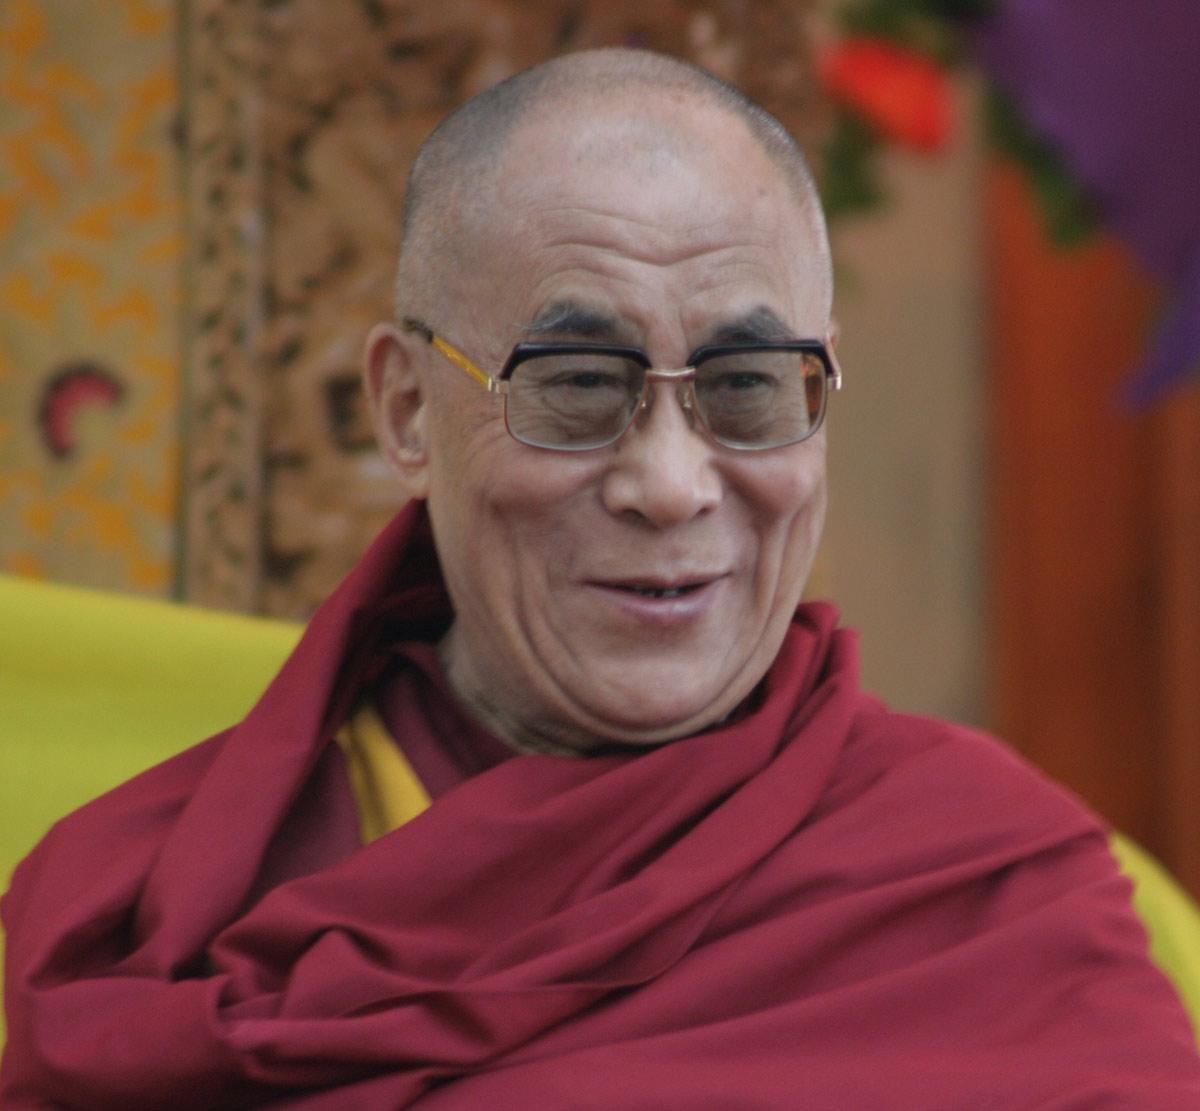 Dalai-lama-Teachings2